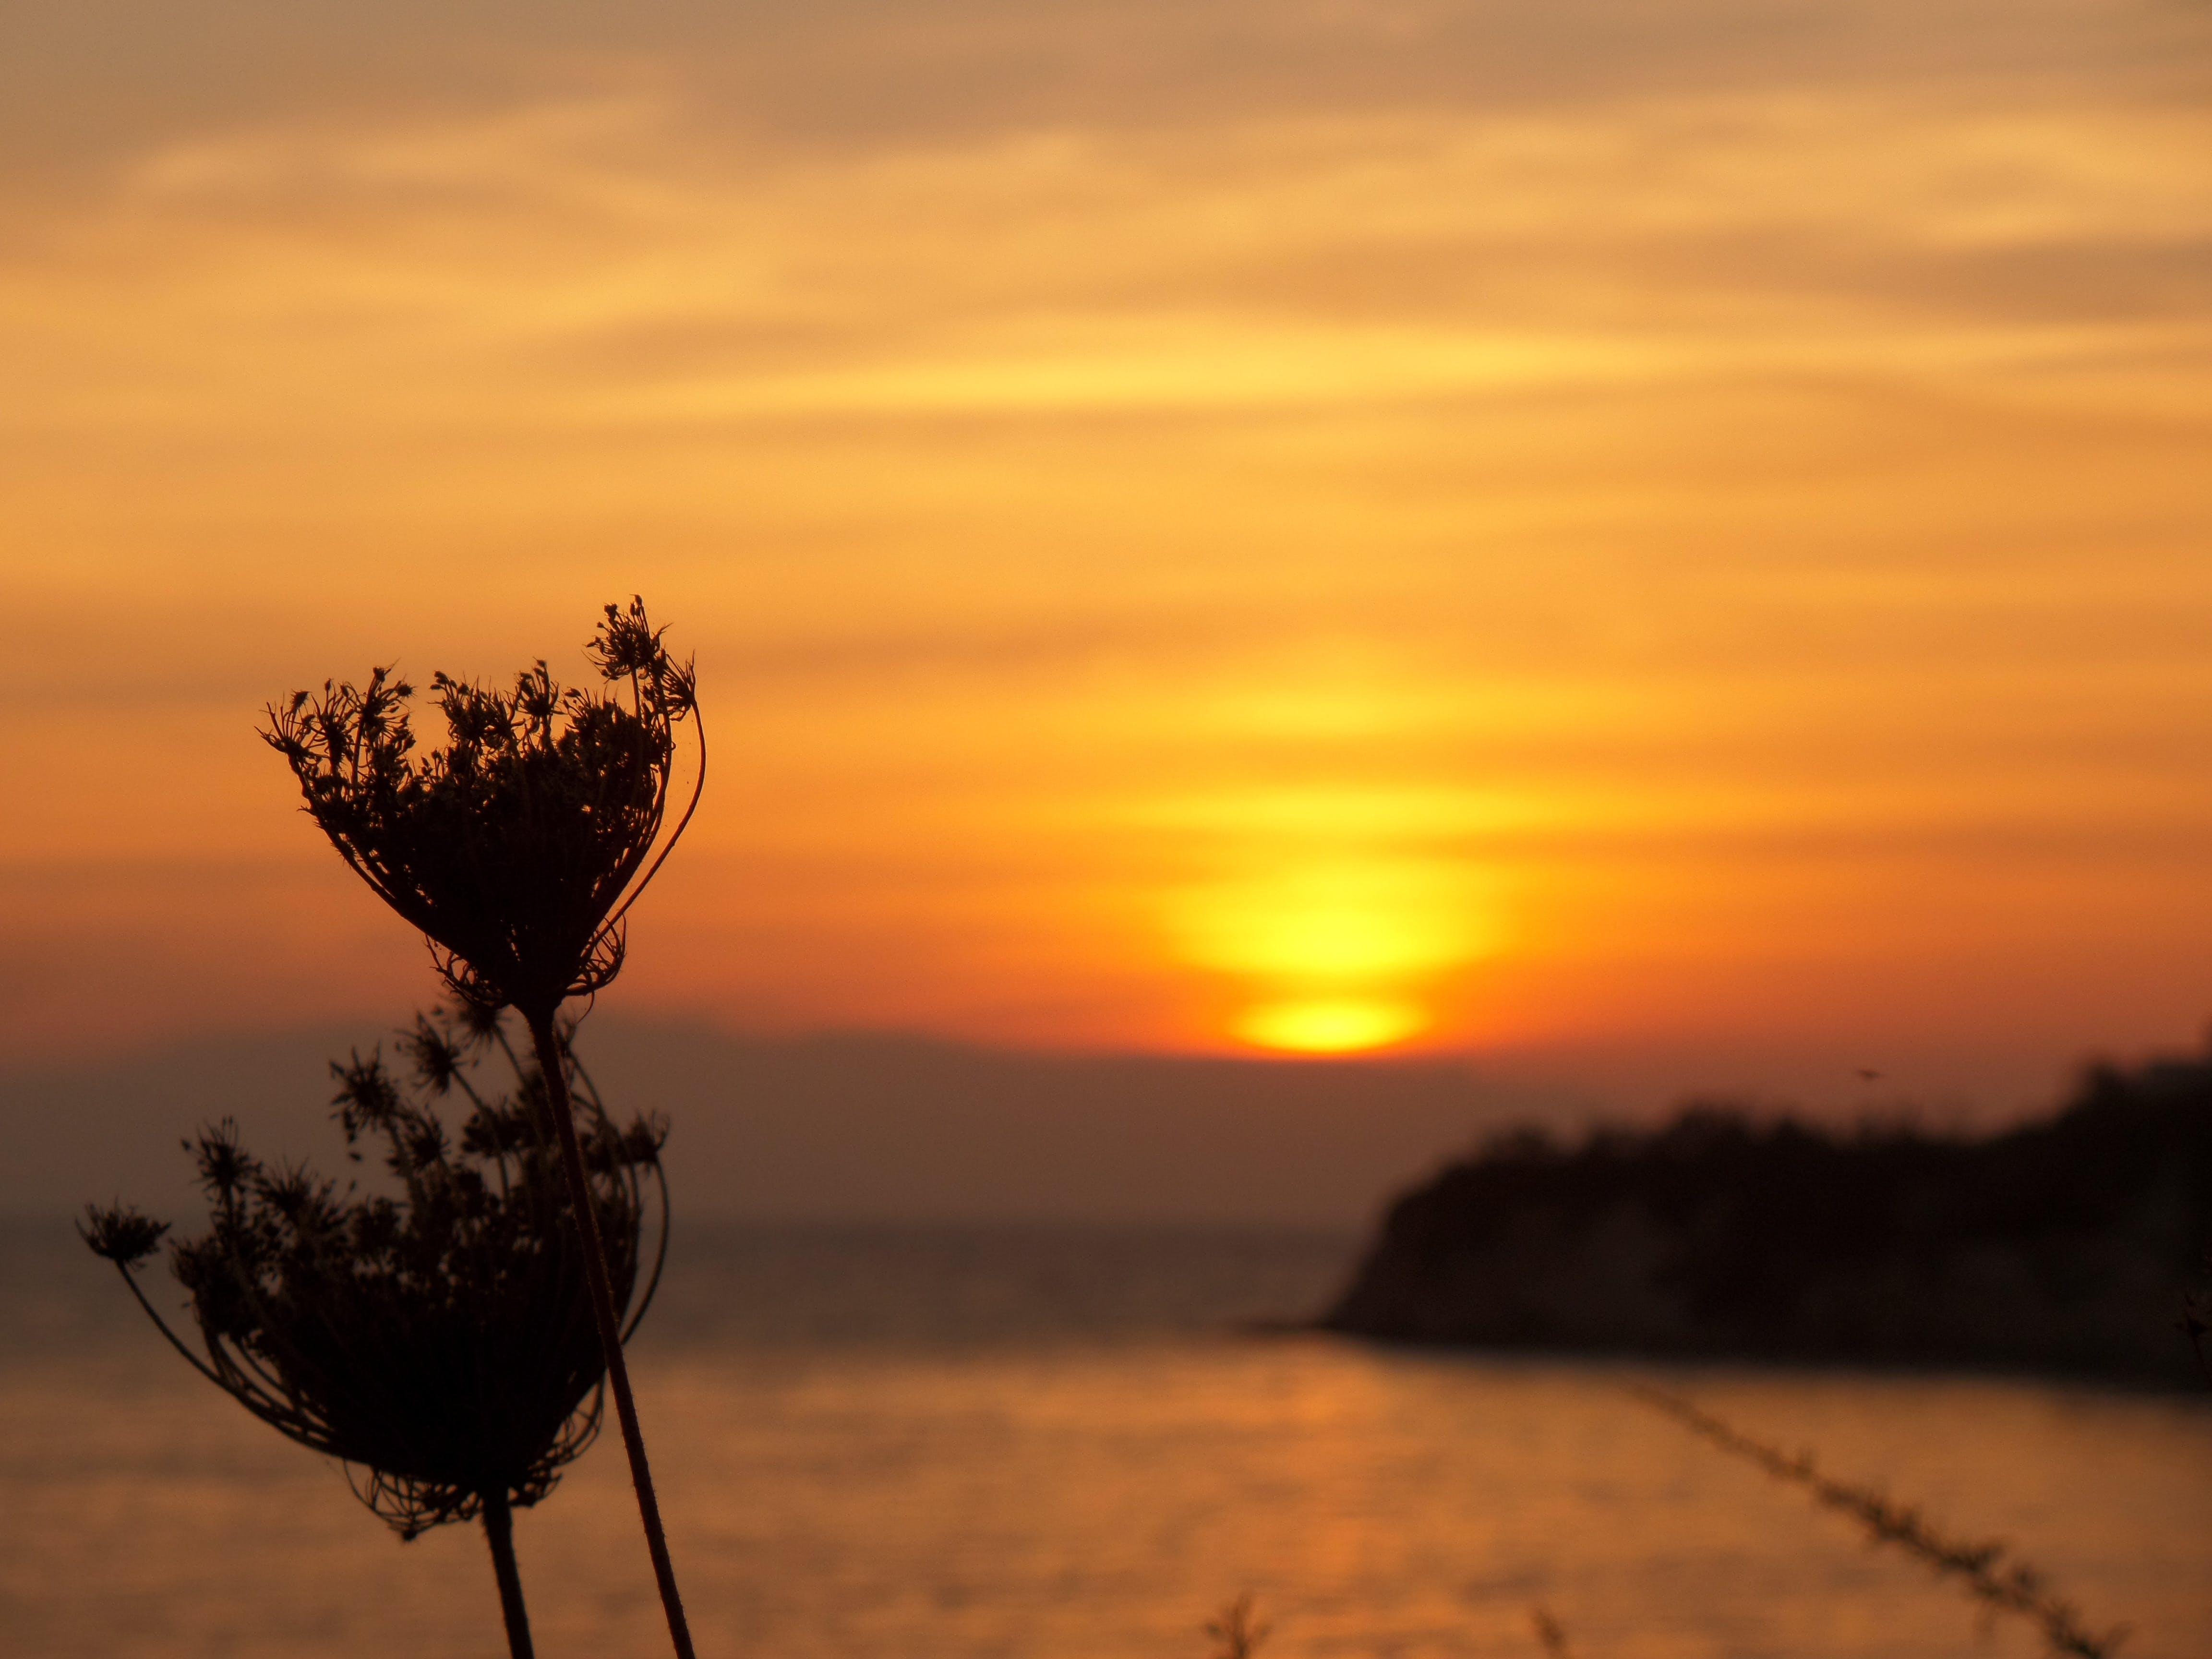 Free stock photo of Beautiful sunset, beauty, dawn, orange